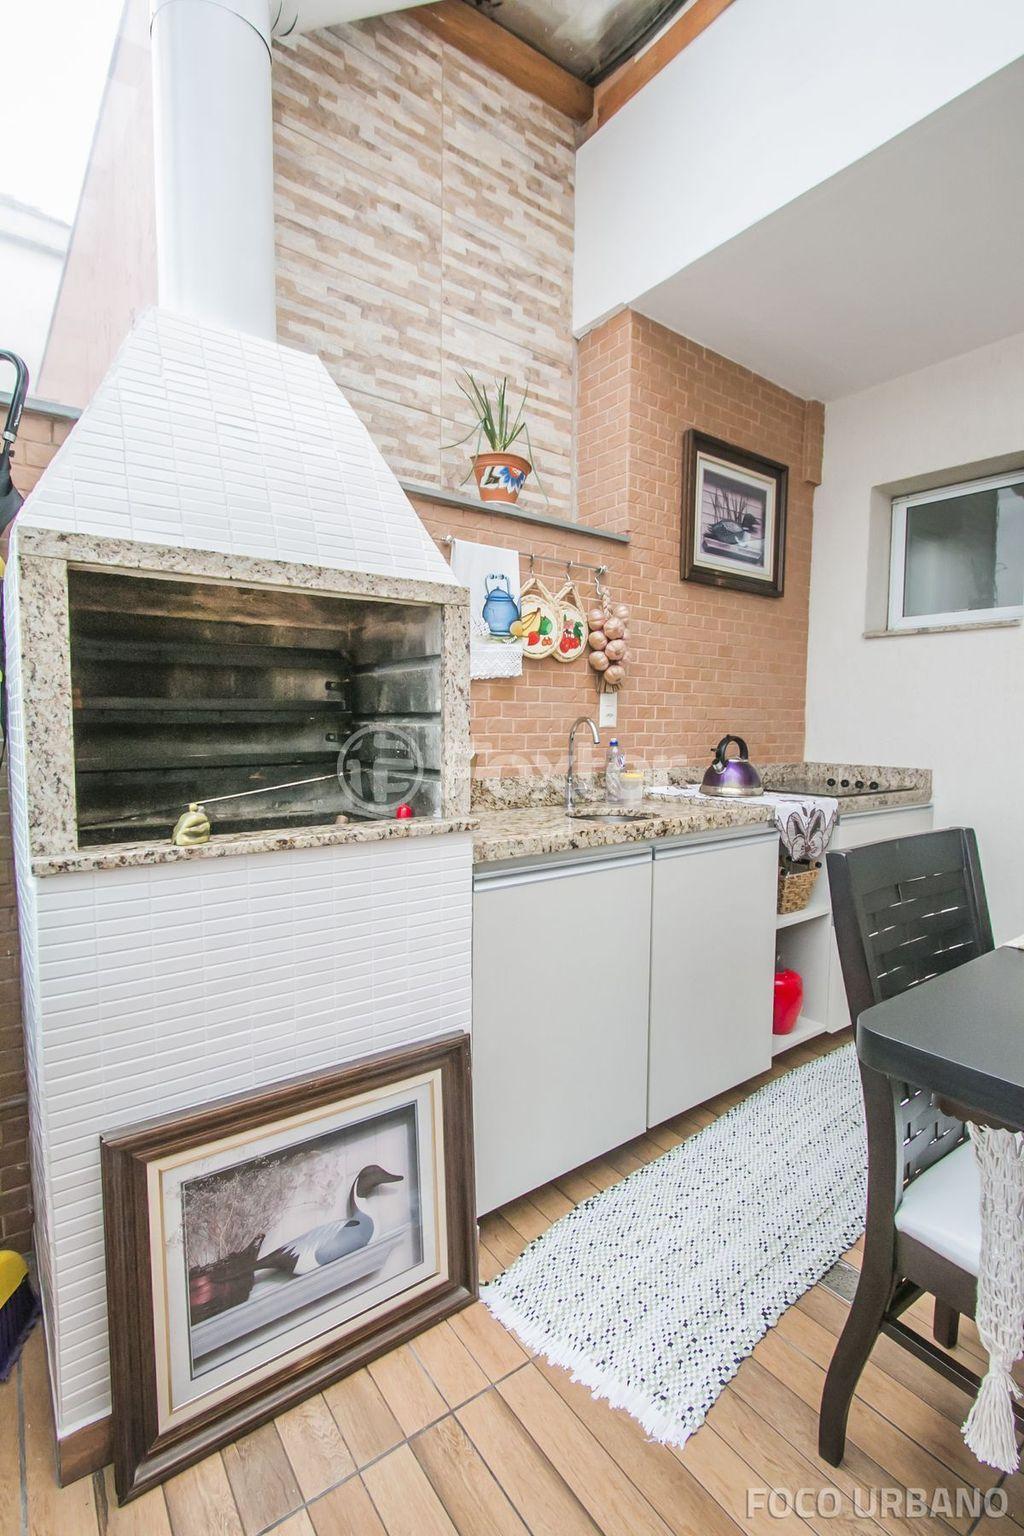 Foxter Imobiliária - Cobertura 2 Dorm (146243) - Foto 8